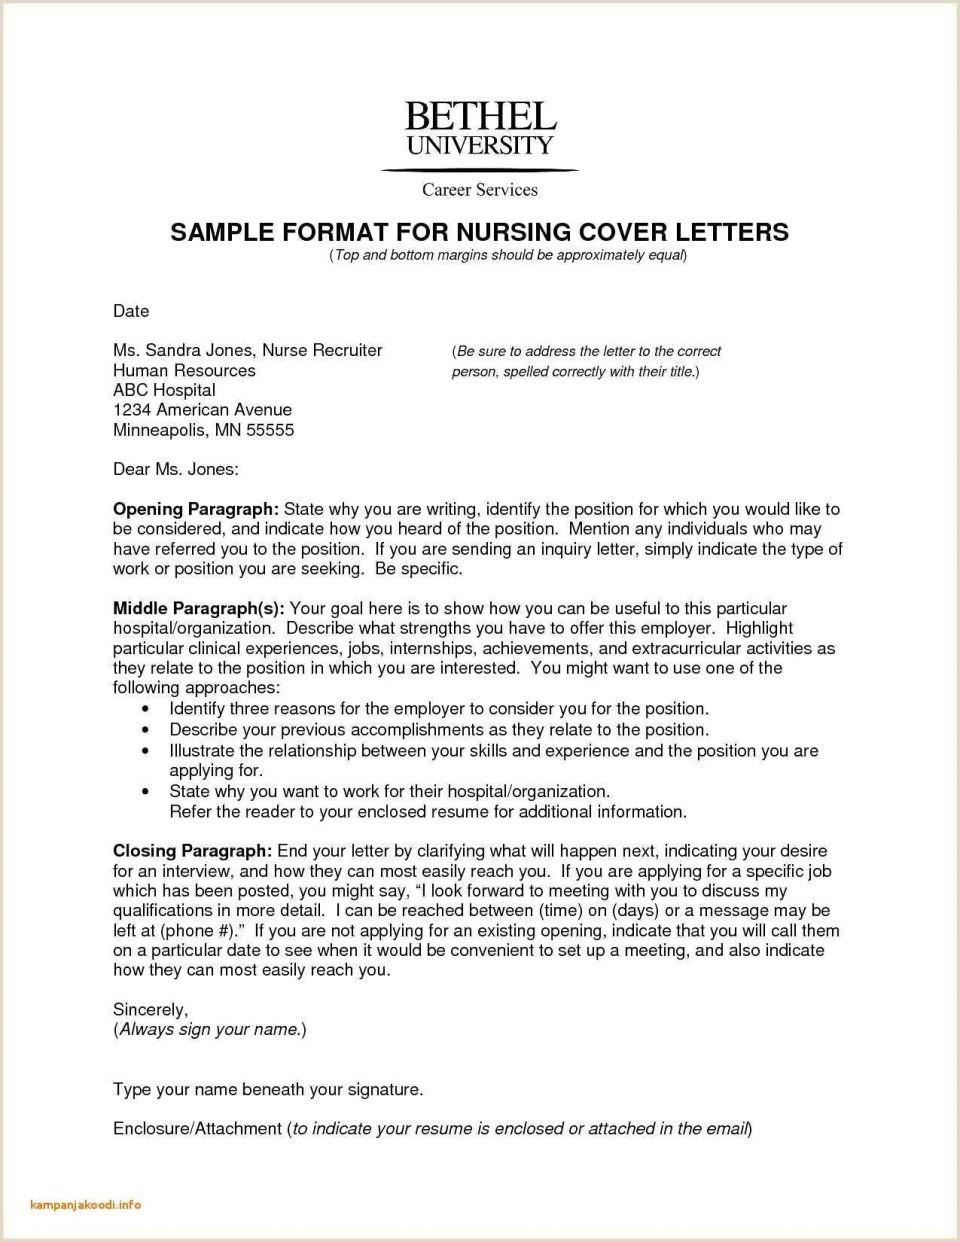 Resume format for Job Interview Pdf Download Resumes for Nurses Resume Nursing Best Template Sample